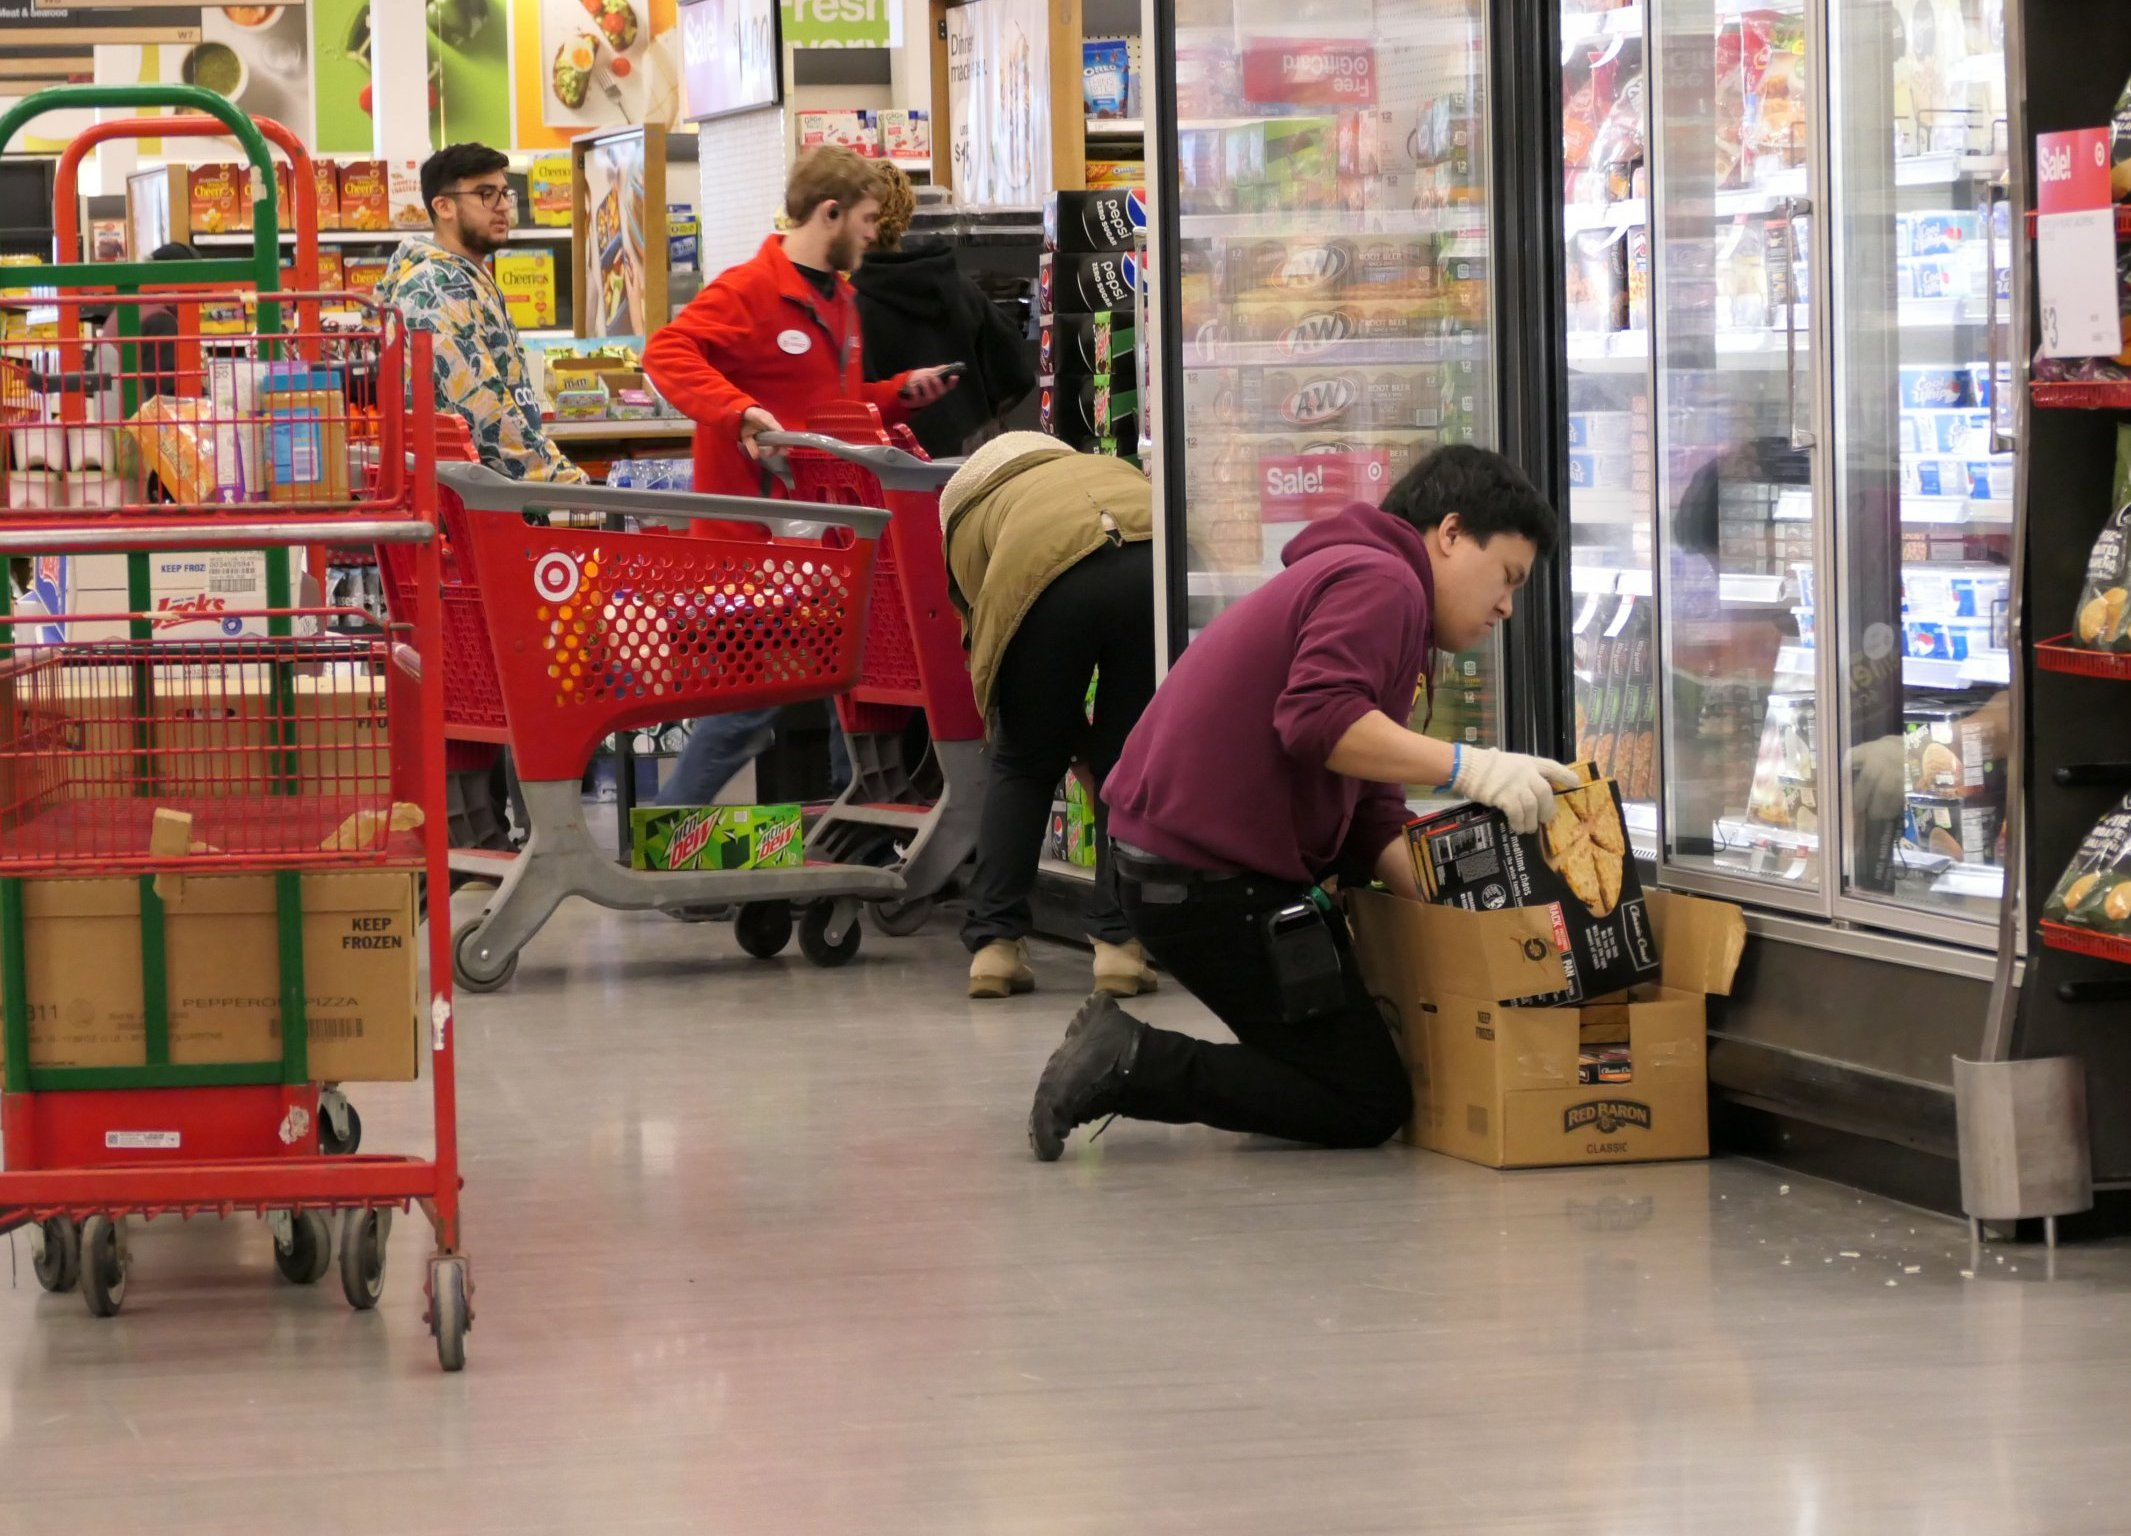 target employees stock shelves